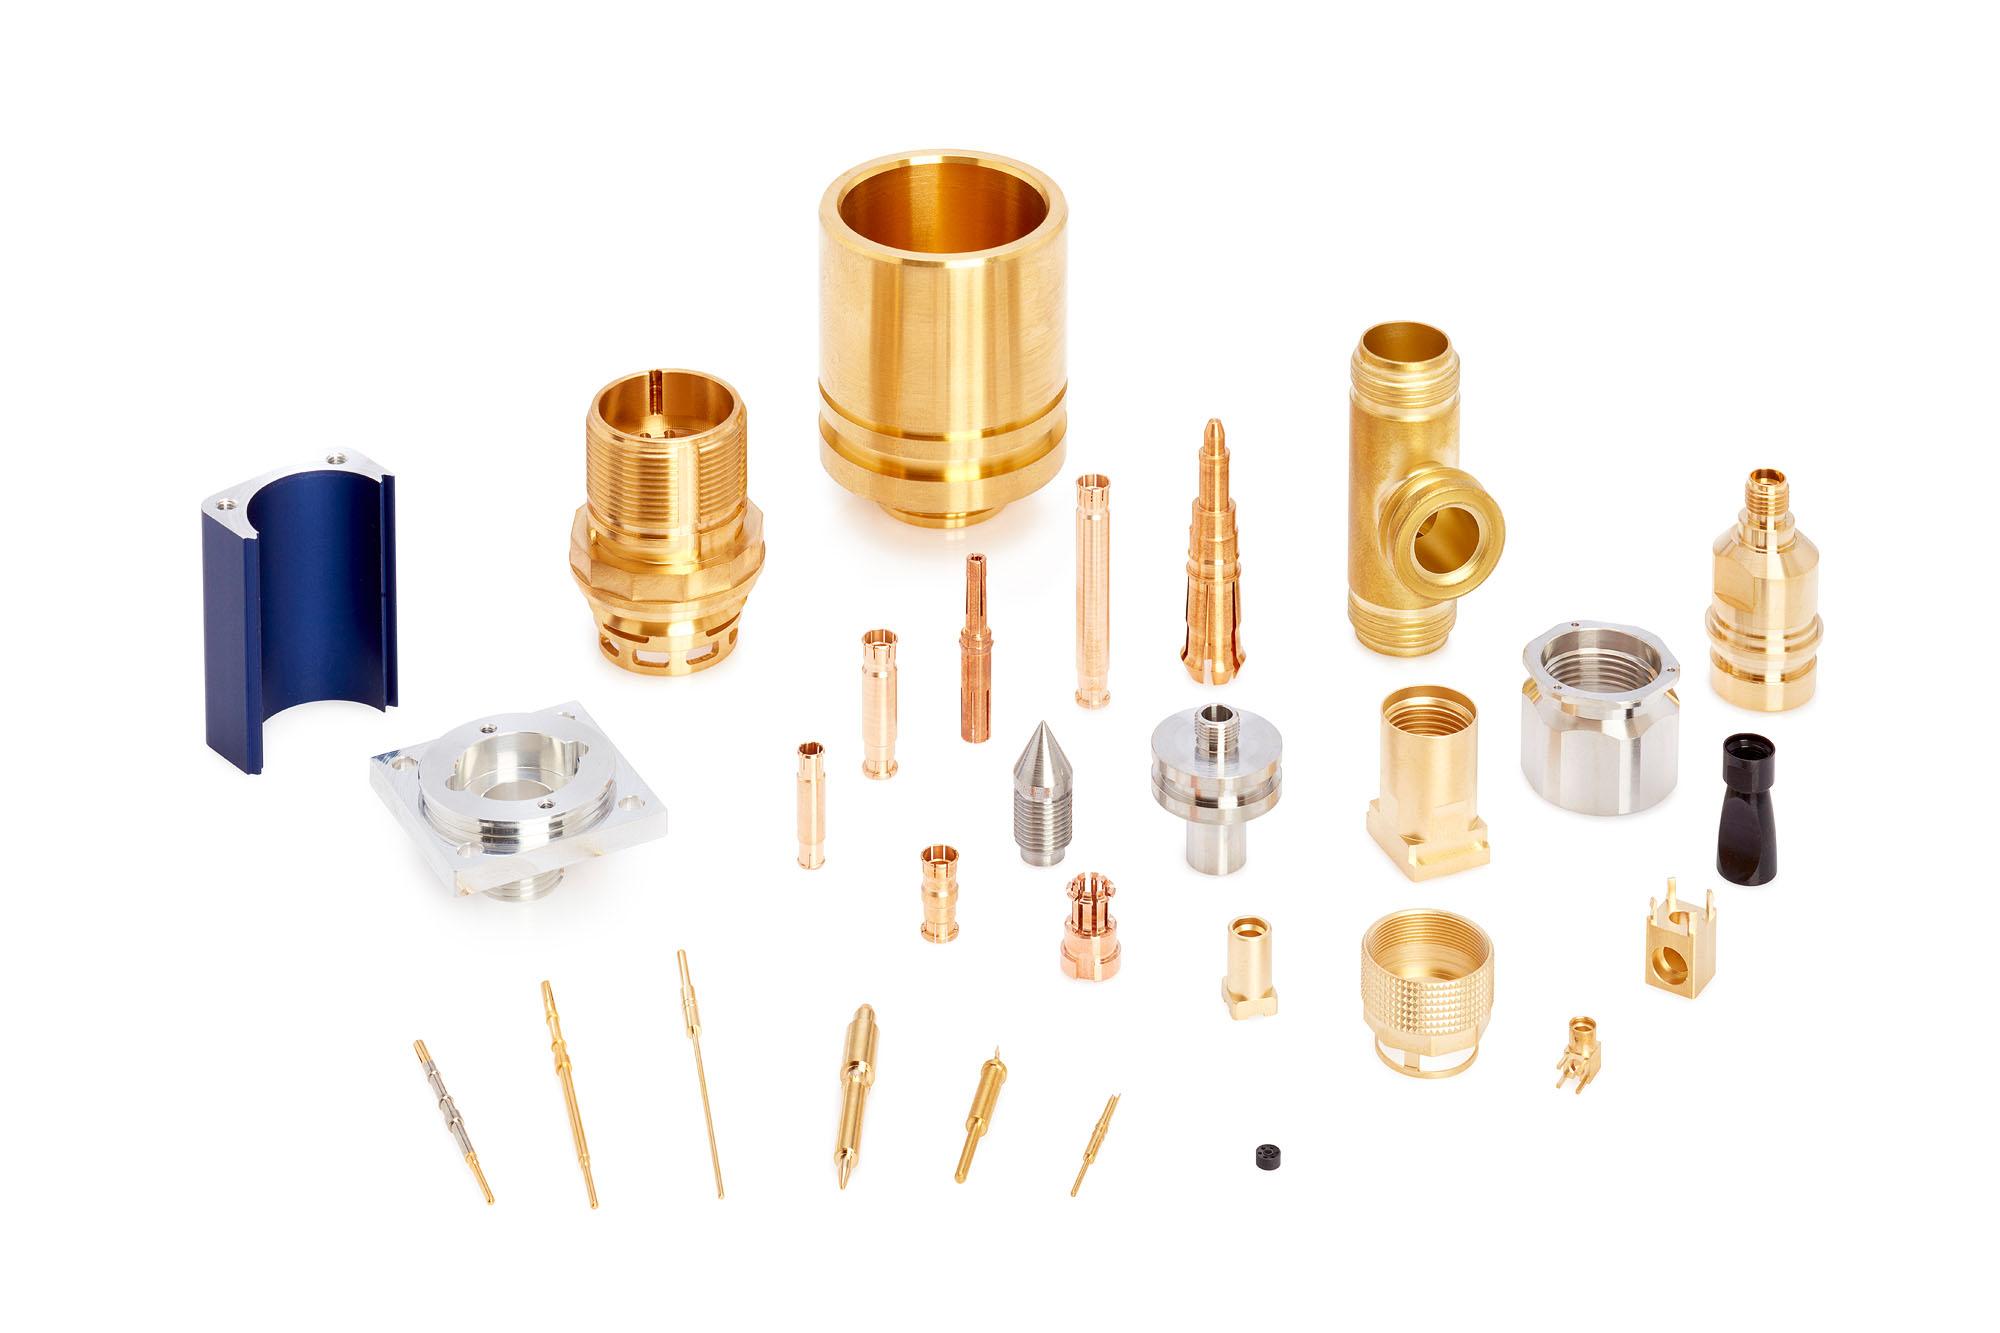 Abbildungen verschiedener elektrischer Steckverbinder